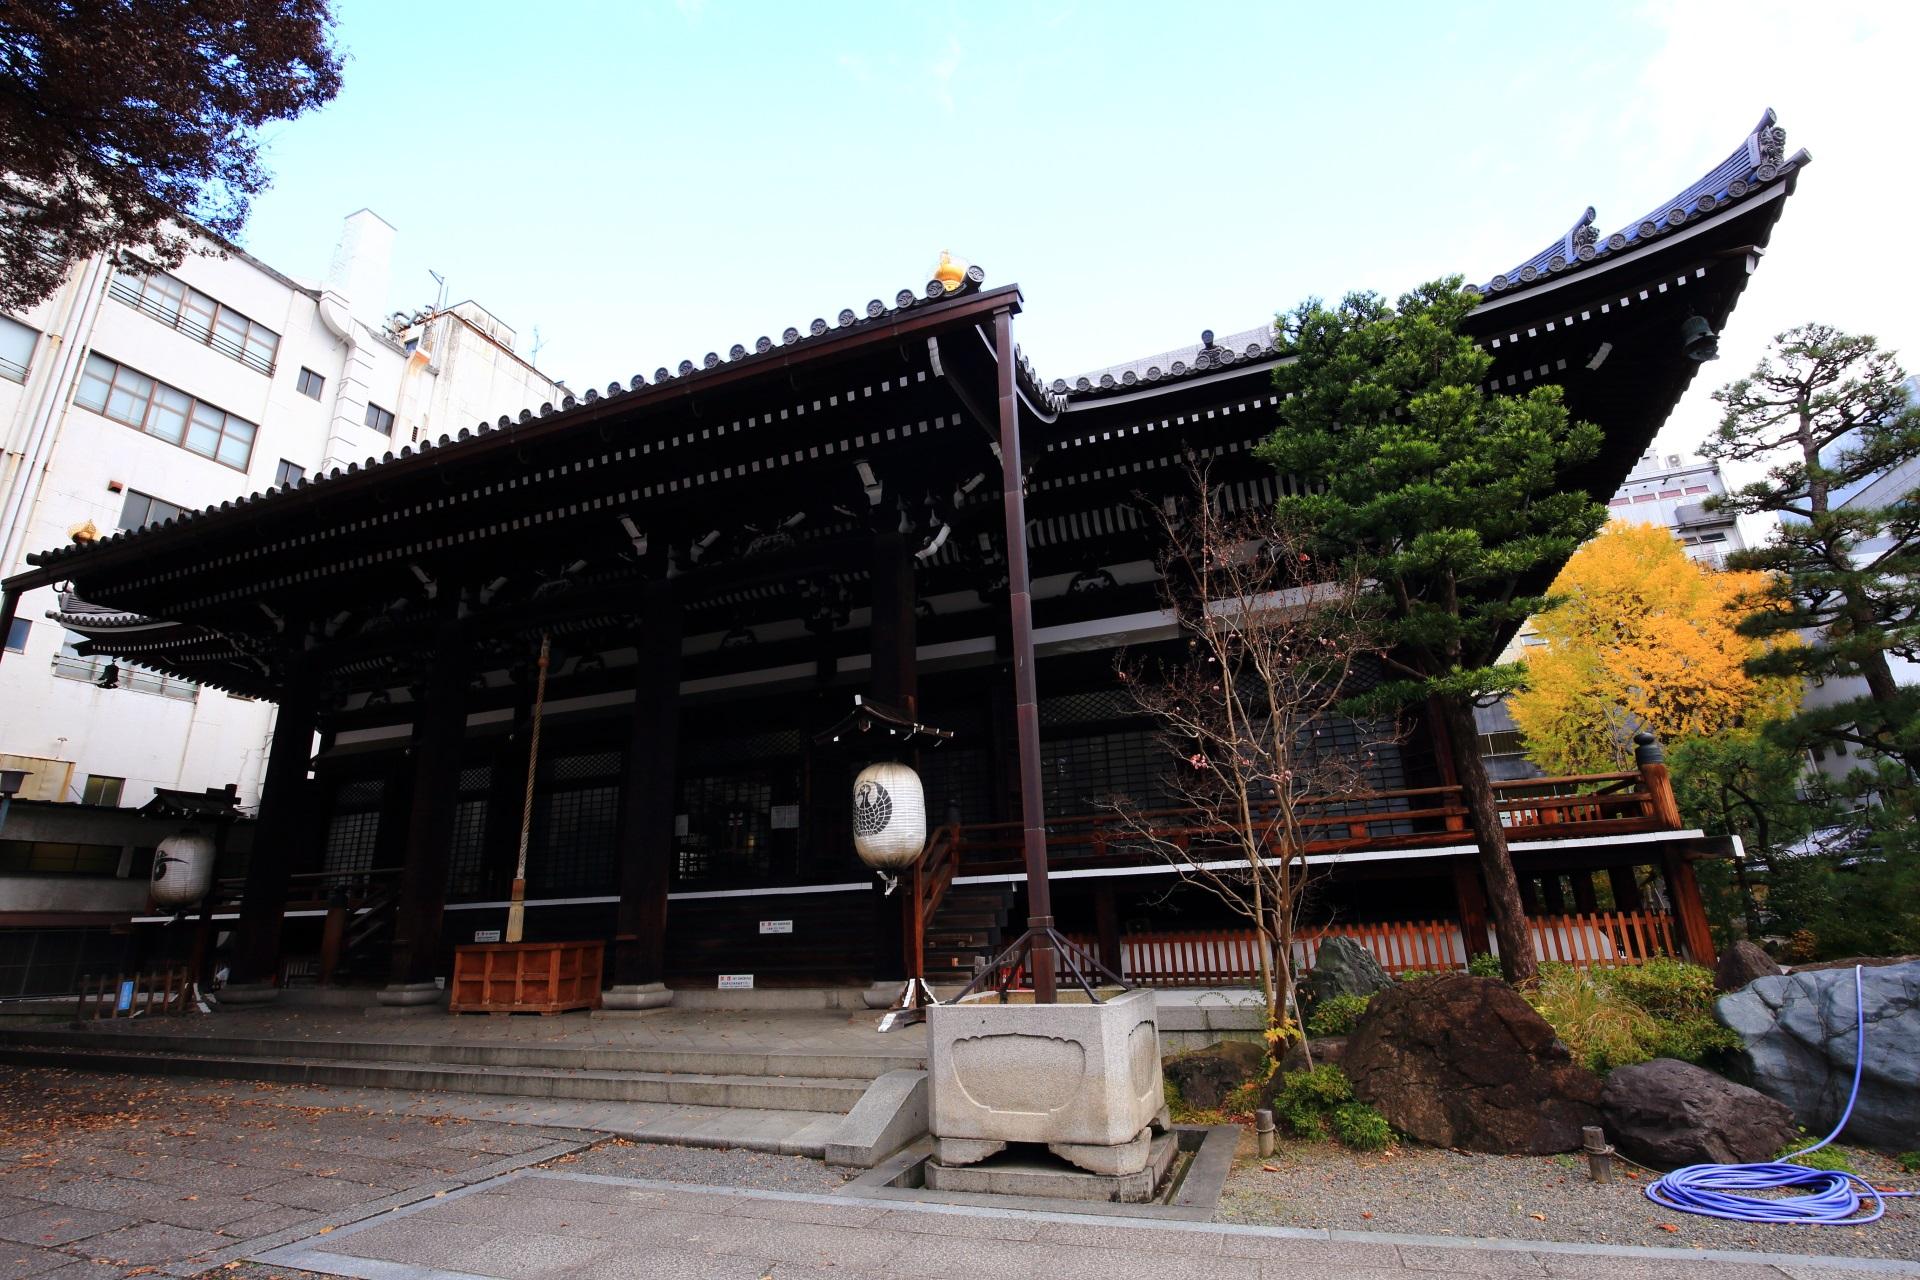 本能寺の本堂と右後ろの黄色い大銀杏